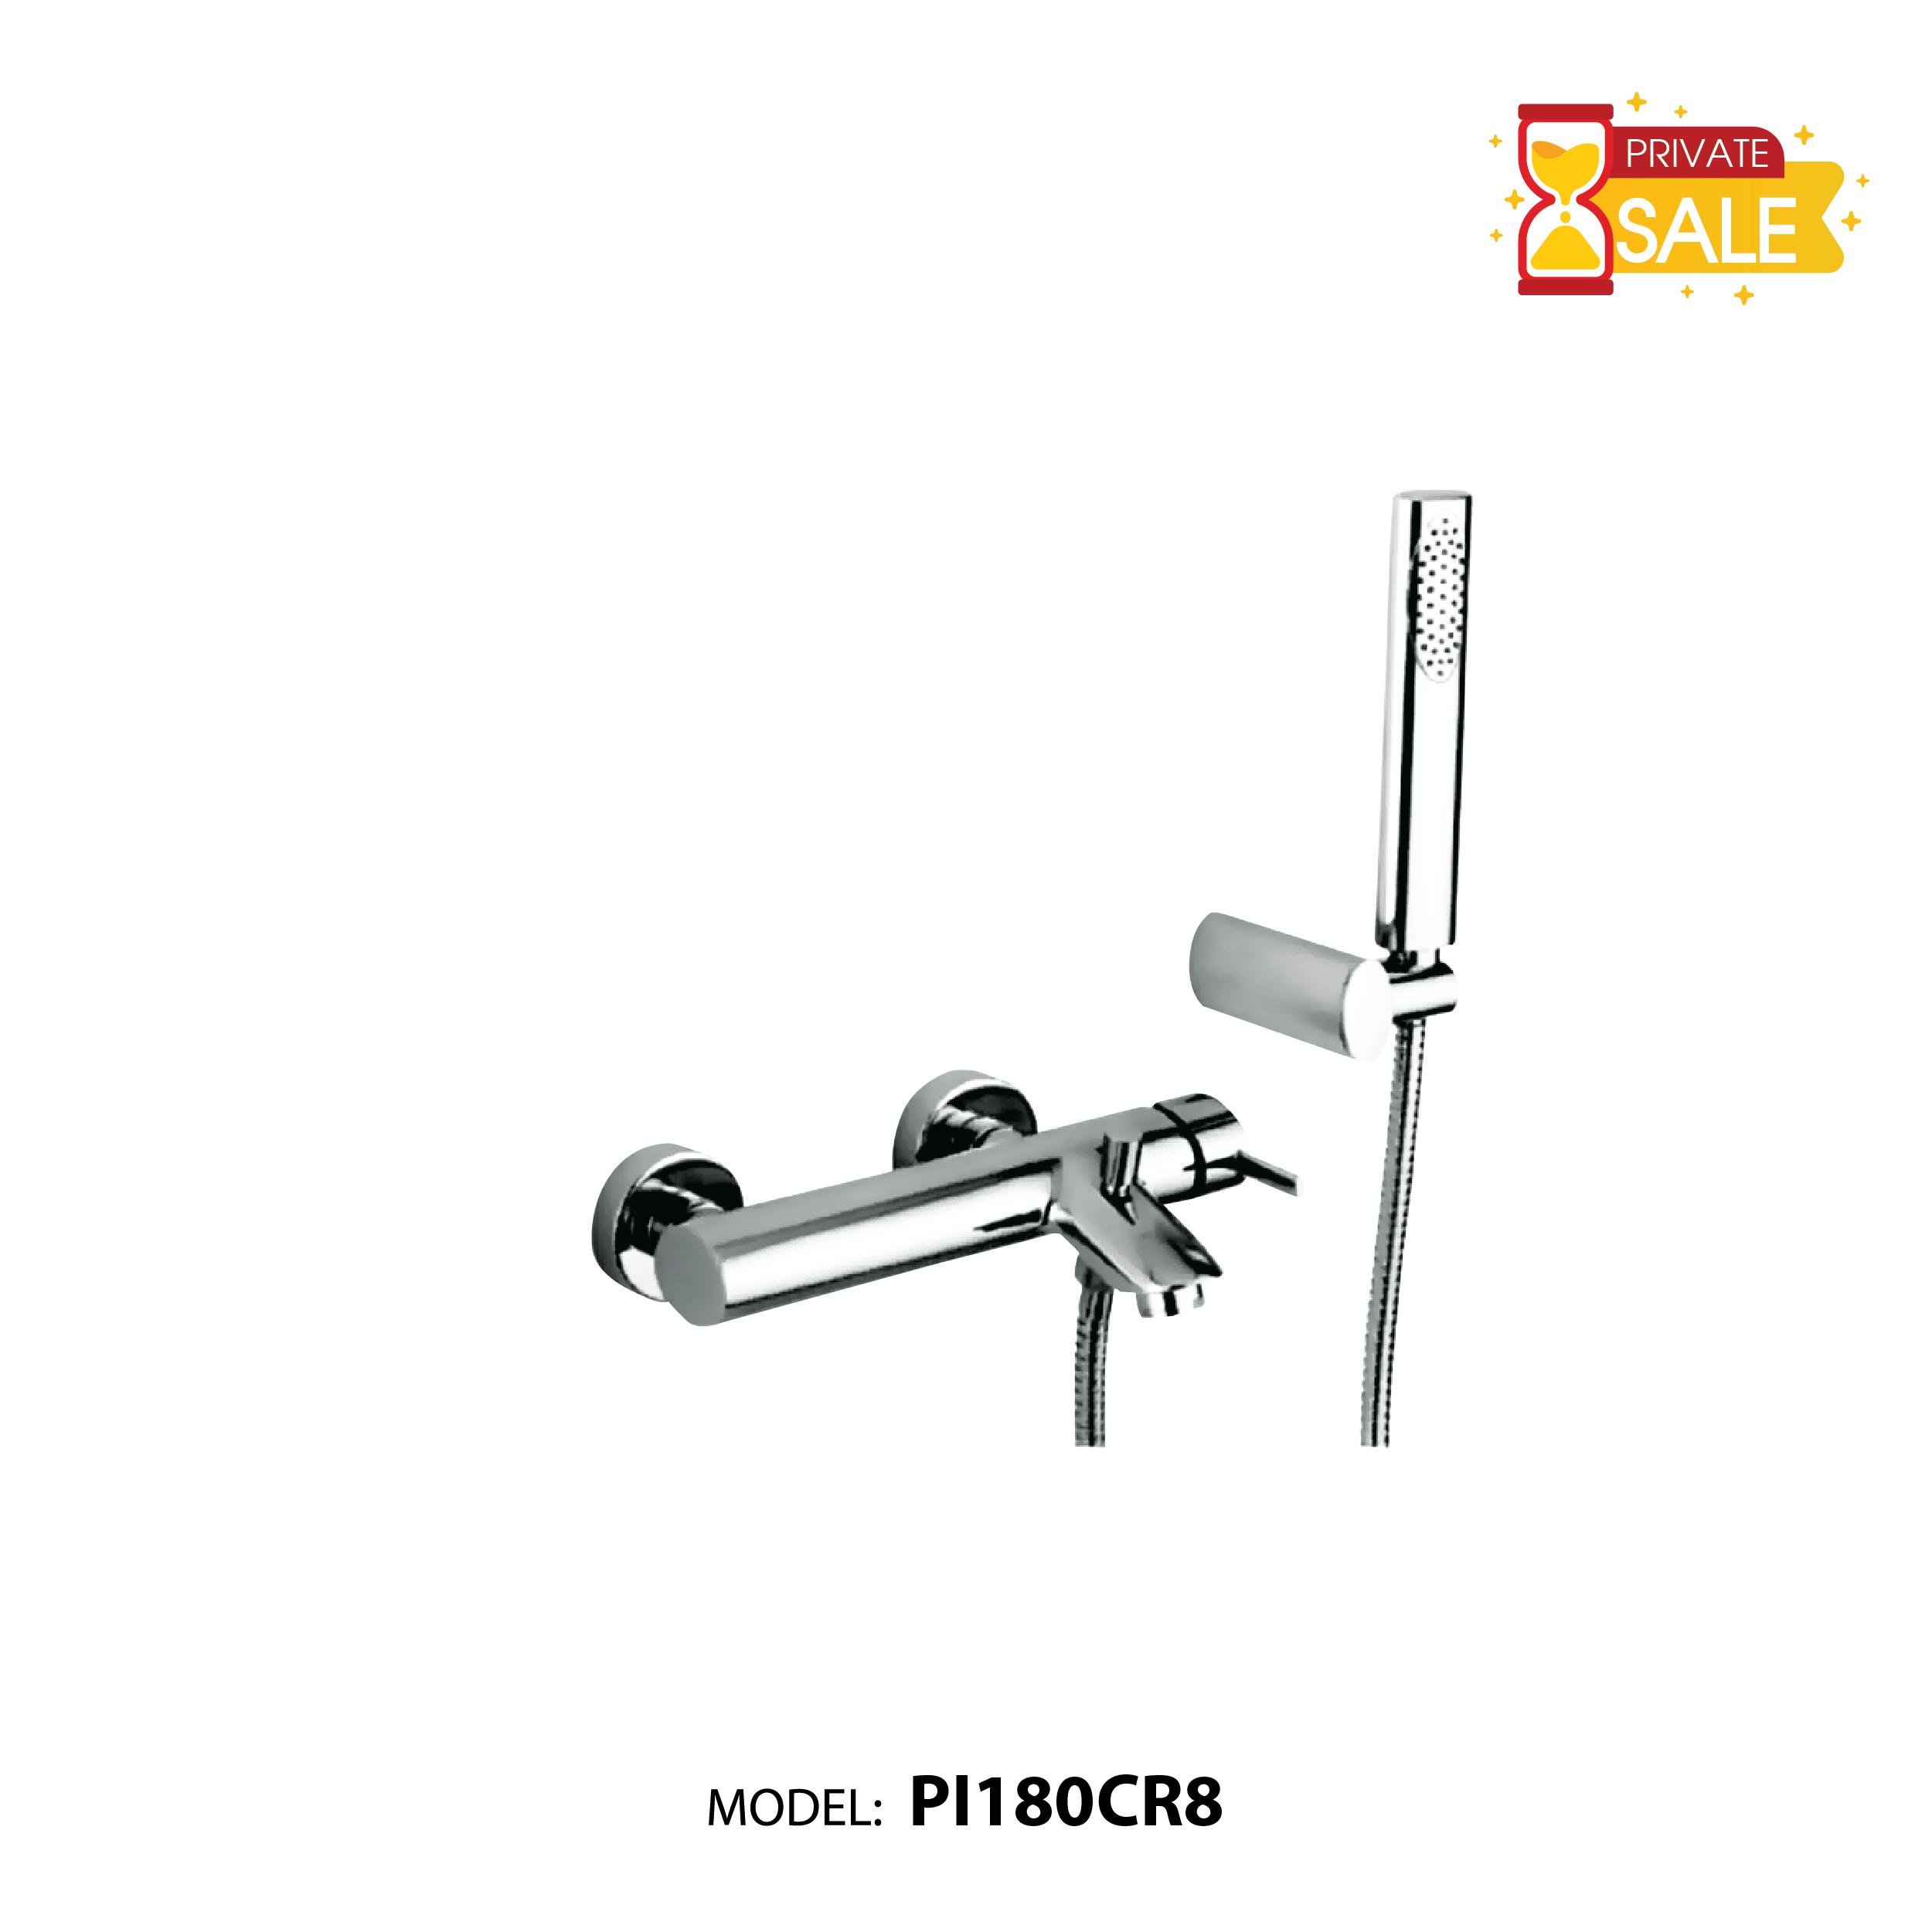 VÒI SEN TẮM PAFFONI PI180CR8 (Vòi sen model: PI180CR8)